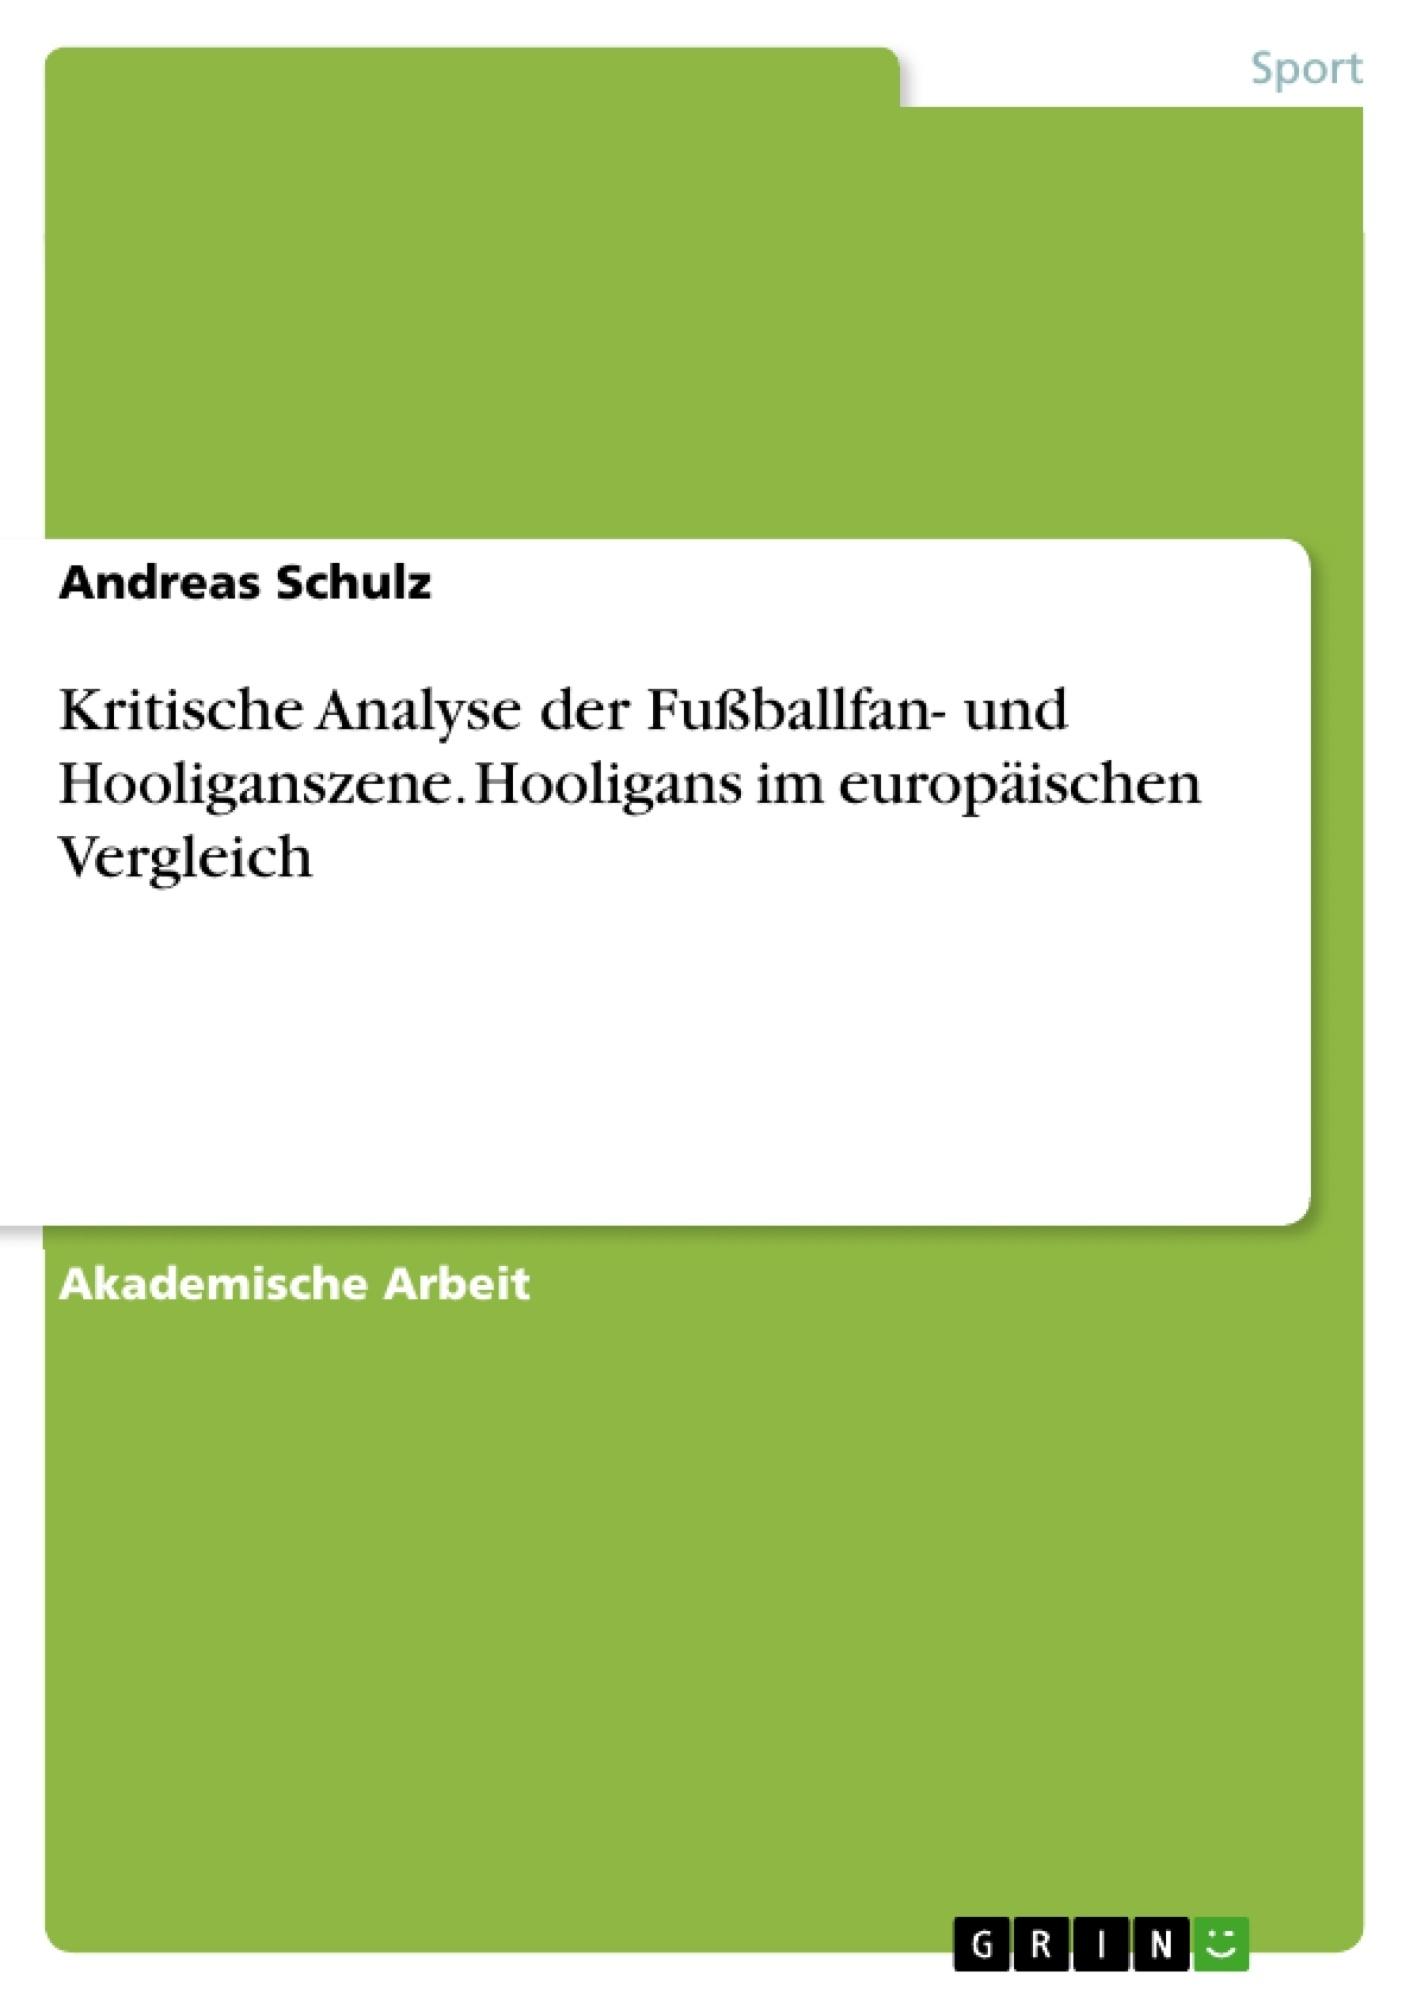 Titel: Kritische Analyse der Fußballfan- und Hooliganszene. Hooligans im europäischen Vergleich